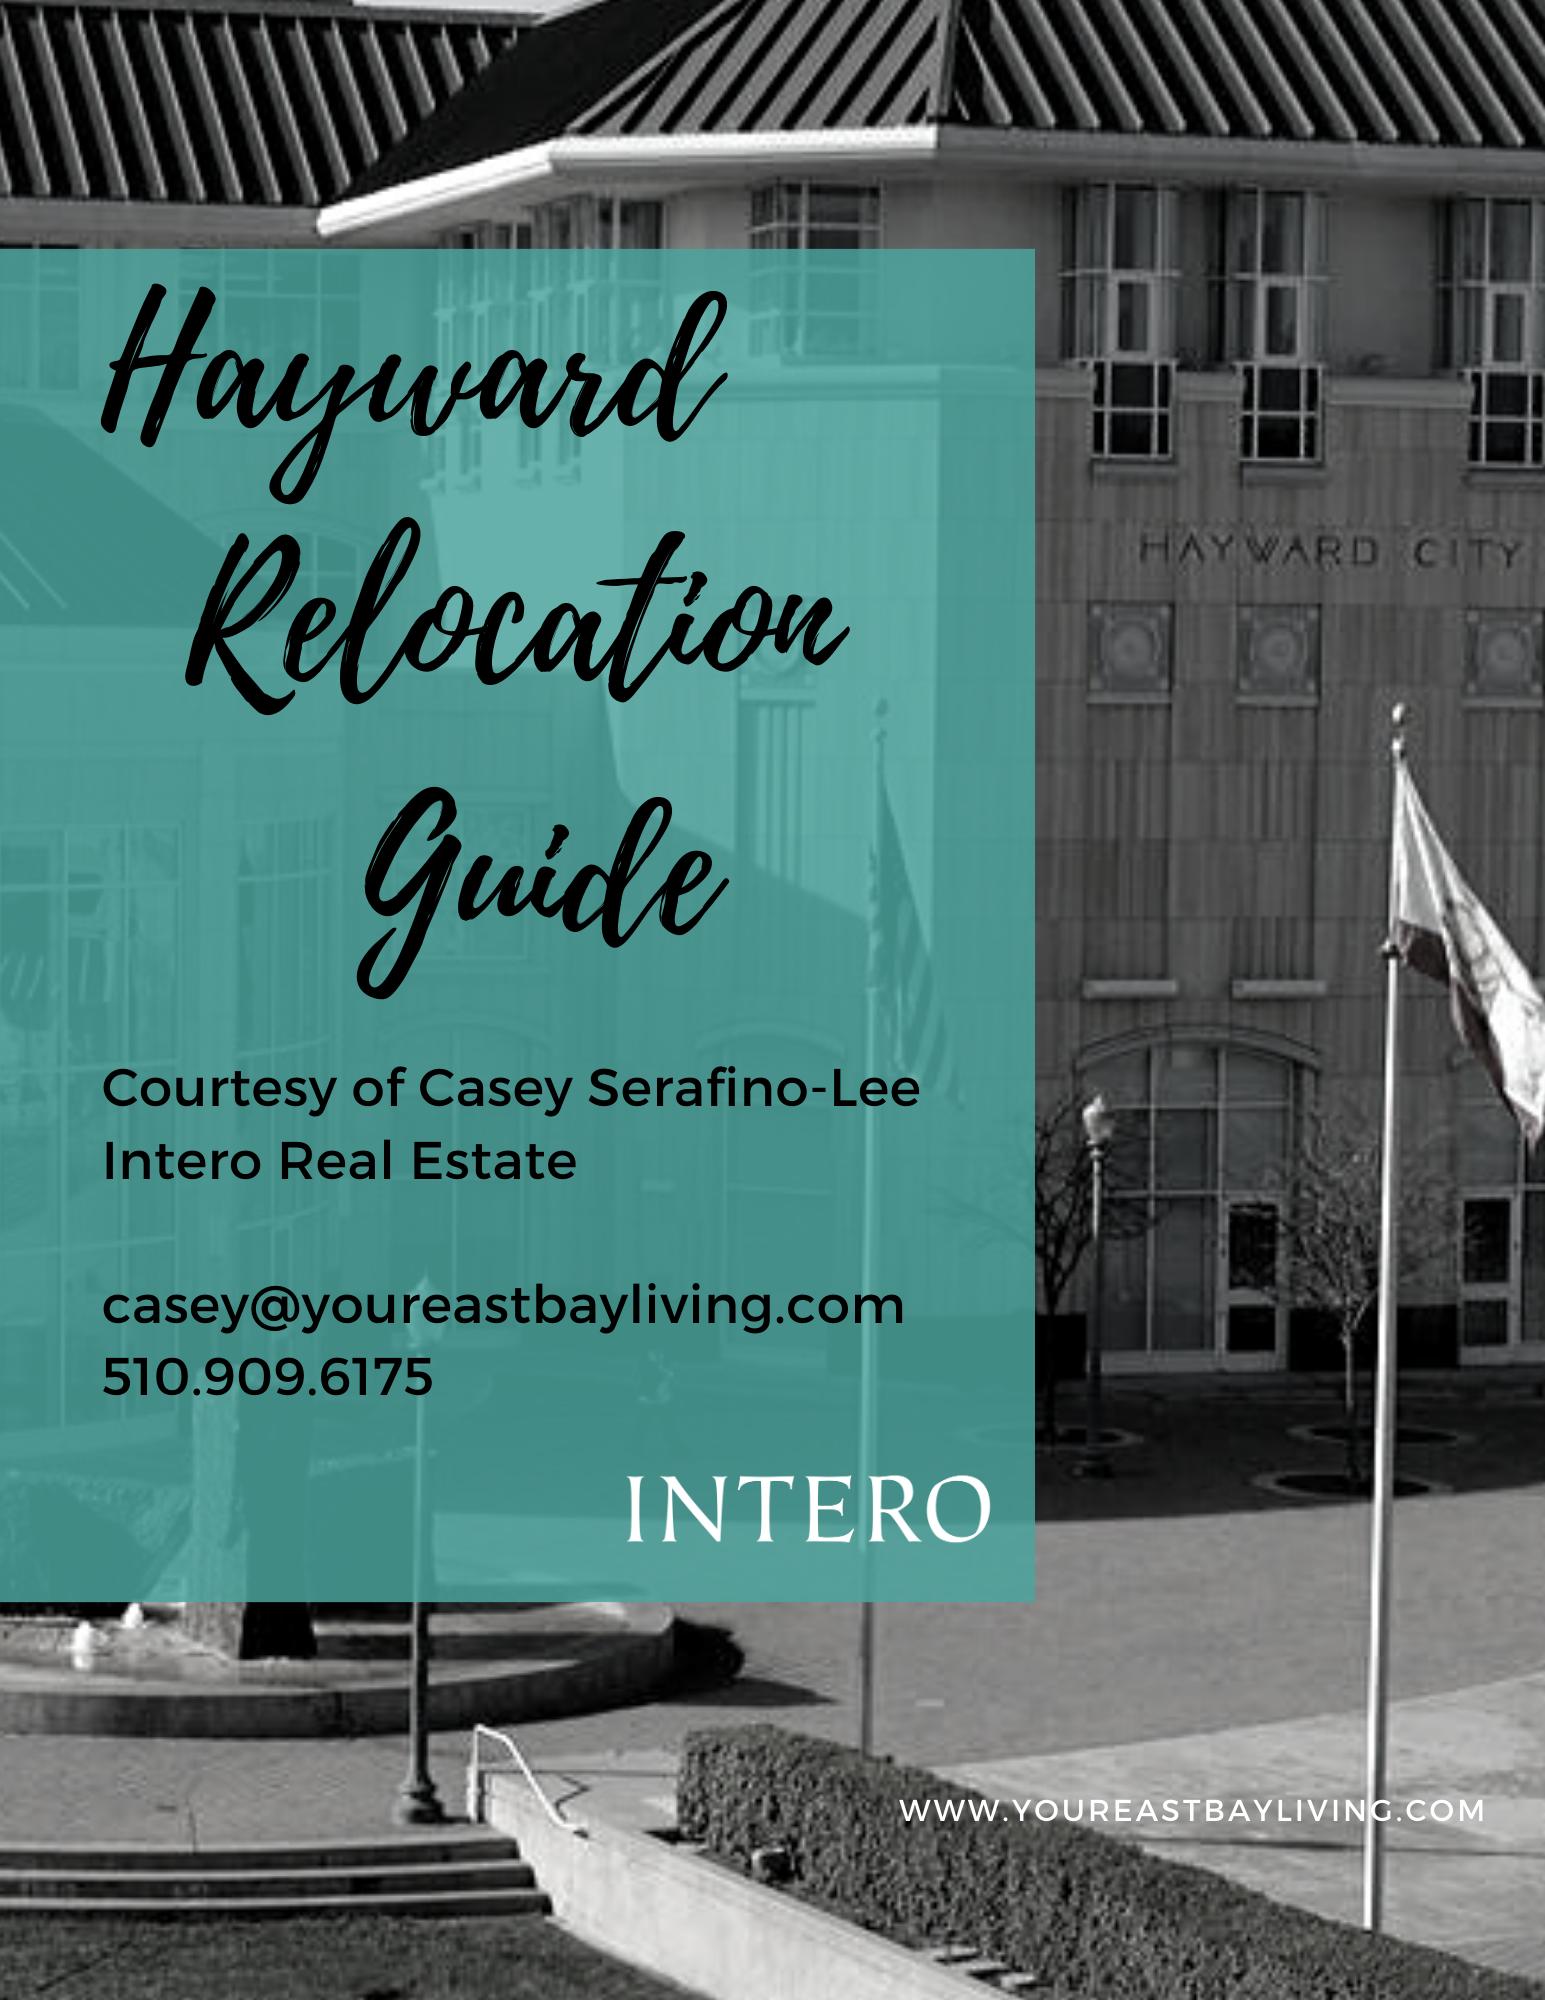 Hayward Relocation Guide